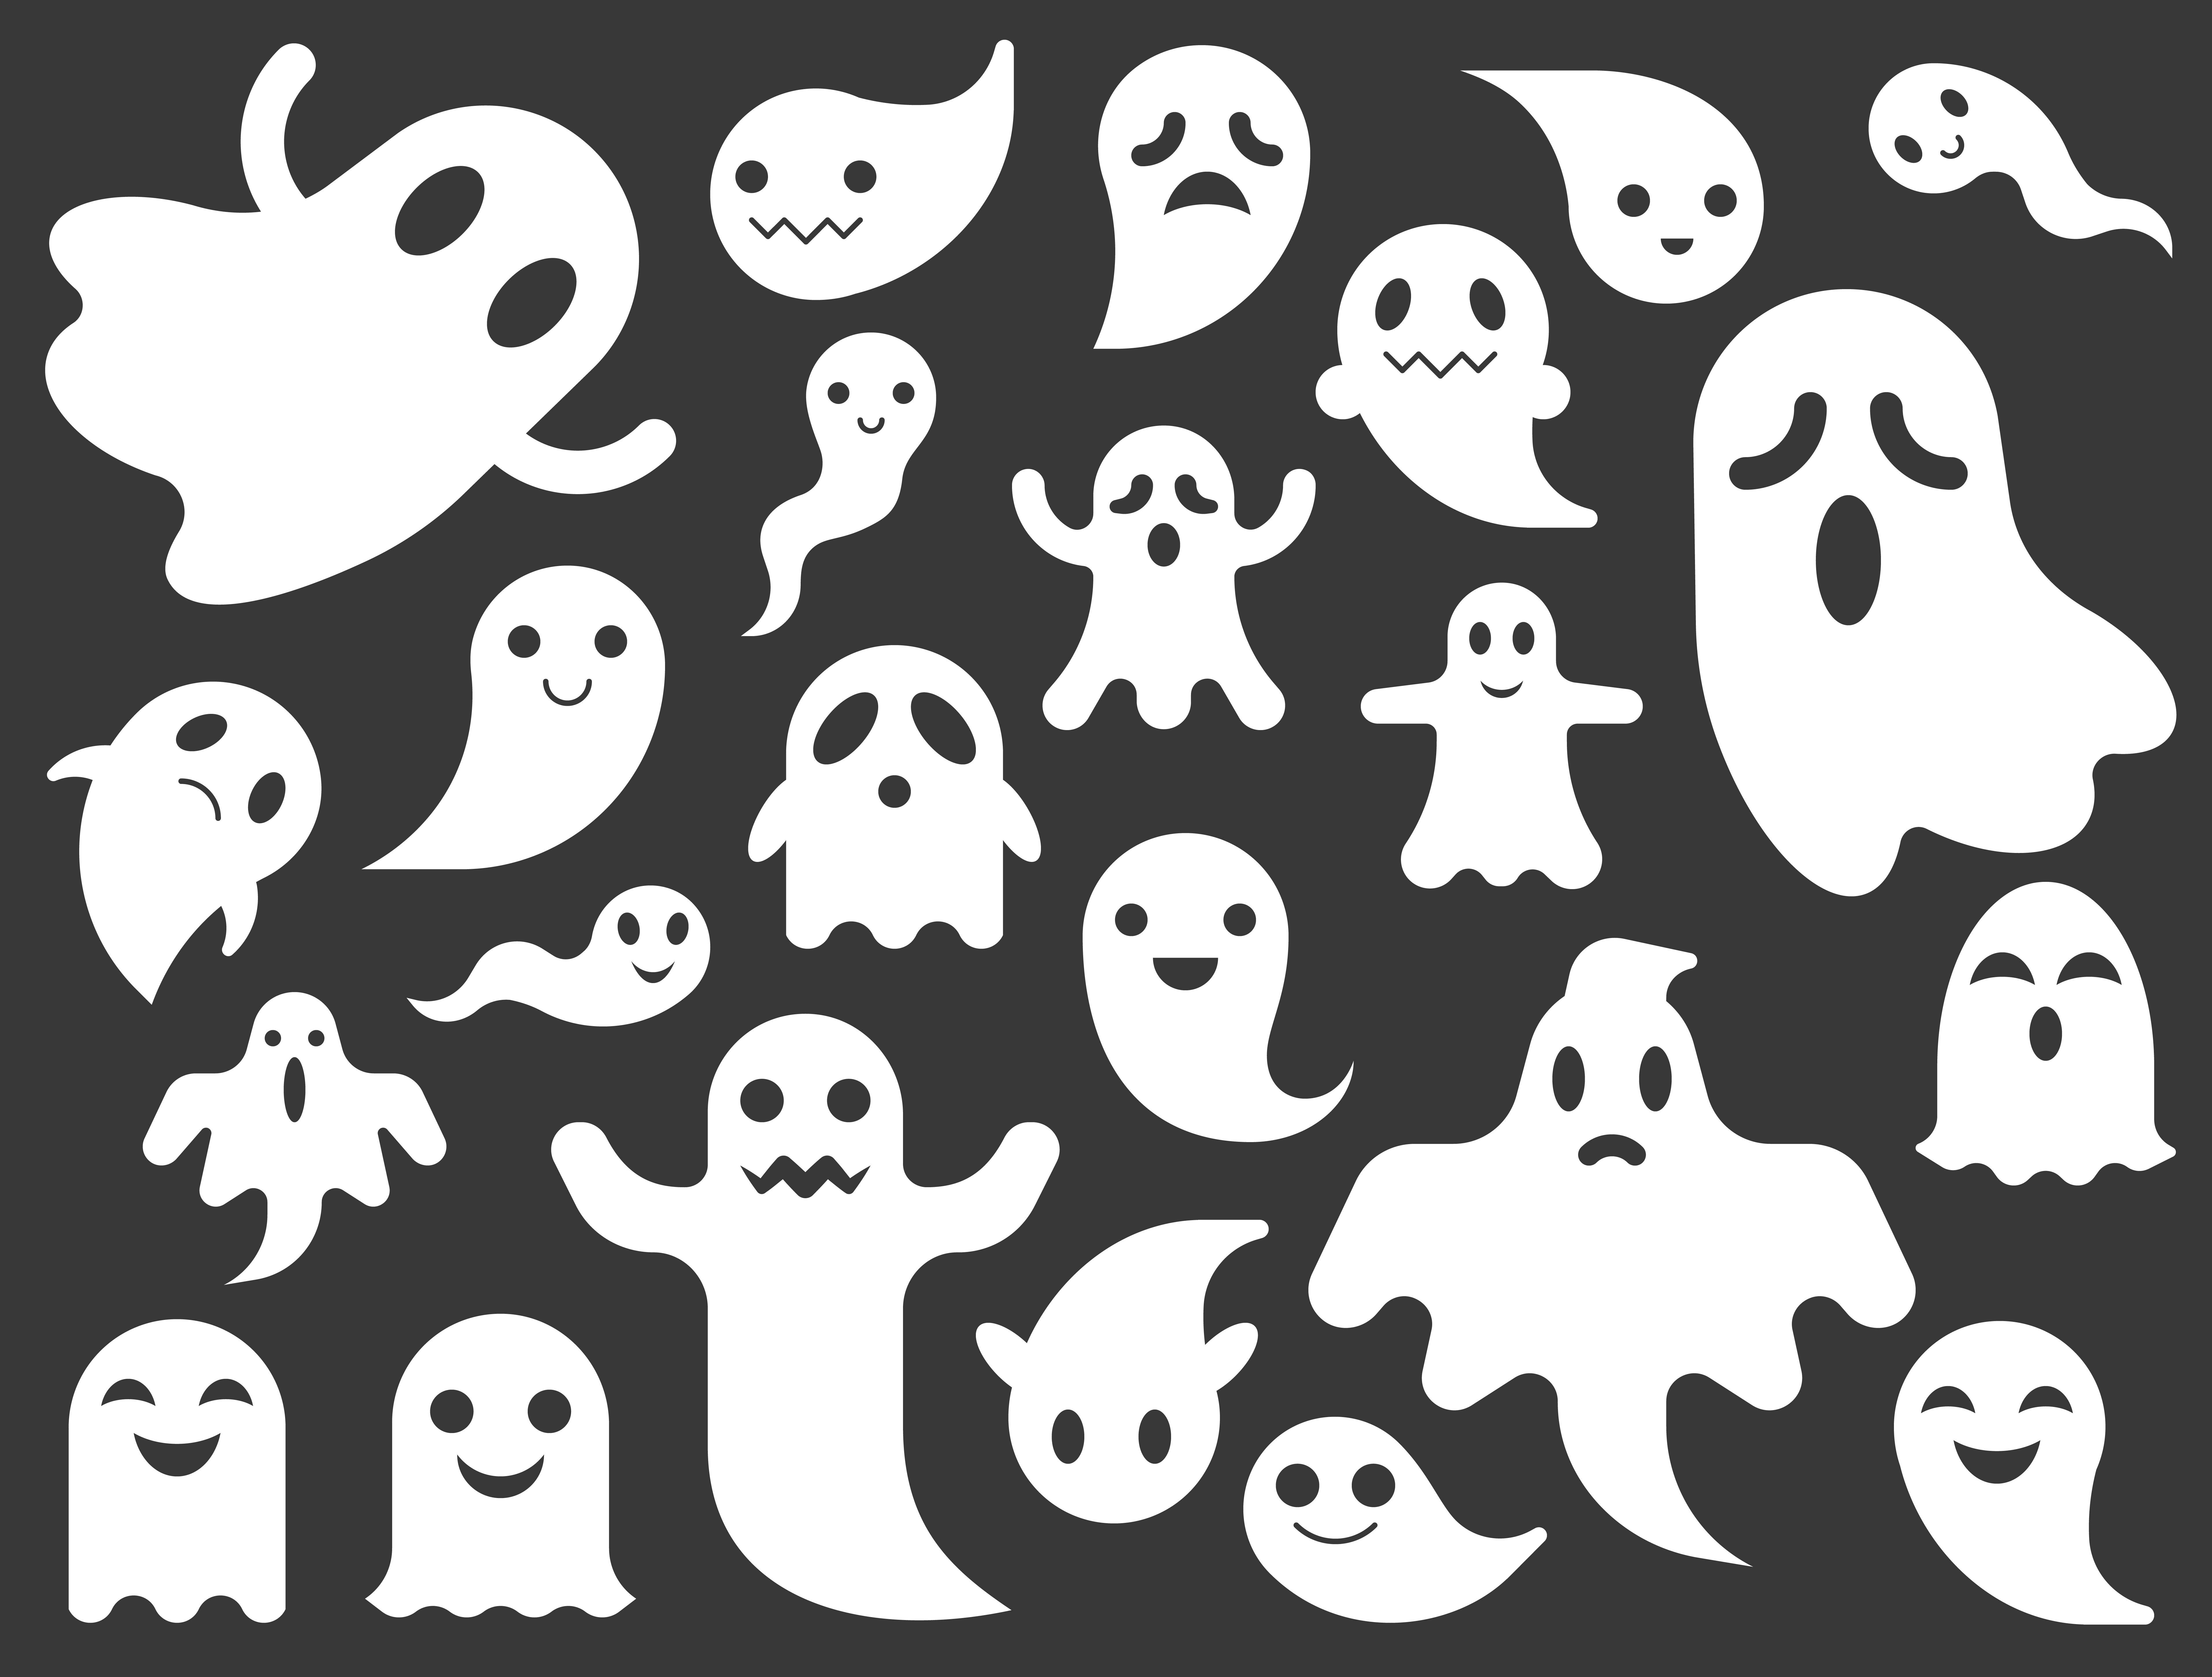 幽靈卡通 免費下載 | 天天瘋後製